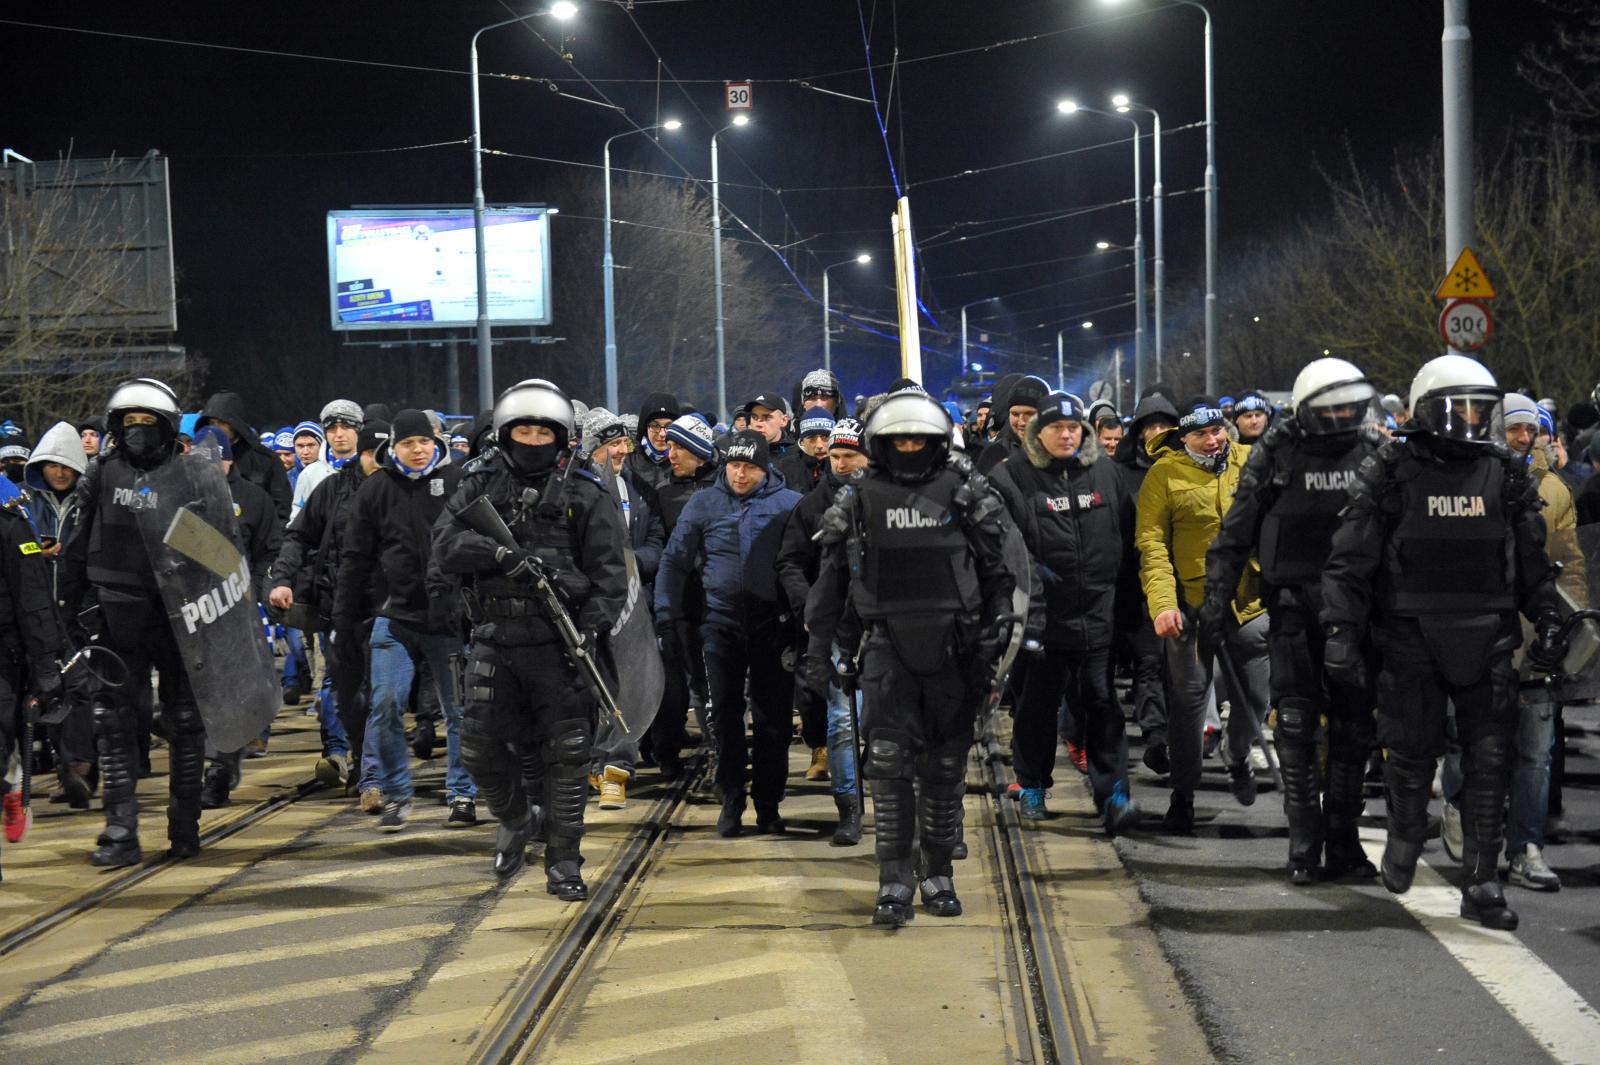 Policja zabezpiecza przemarsz kibiców Lecha Poznań na stadion Pogoni, przed meczem 23. kolejki piłkarskiej Ekstraklasy w Szczecinie. Do Szczecina przybyło ok. 800 fanów poznańskiej drużyny.